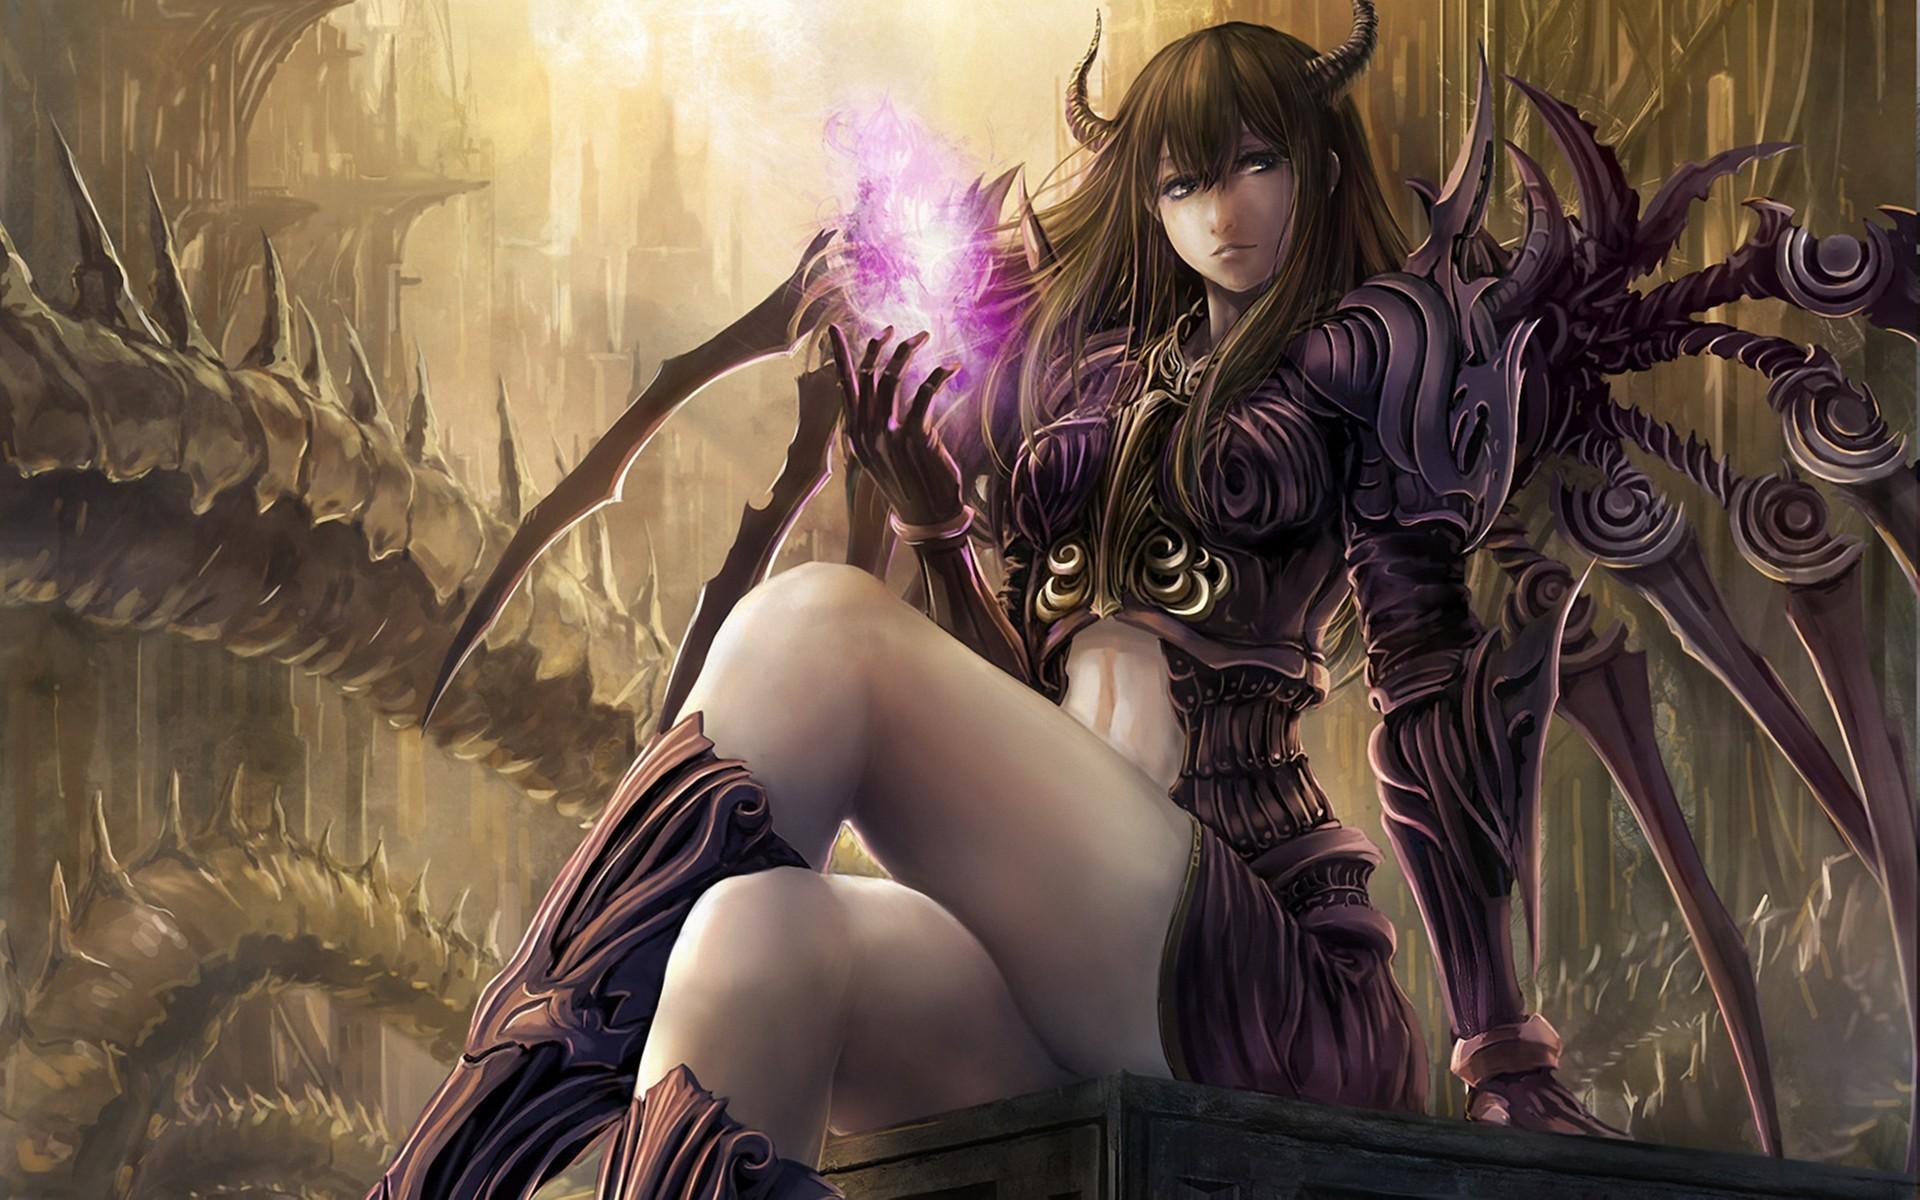 Res: 1920x1200, Art-Wallpaper-takakyo-girl-demon-horns-sitting-wings-magic.jpg